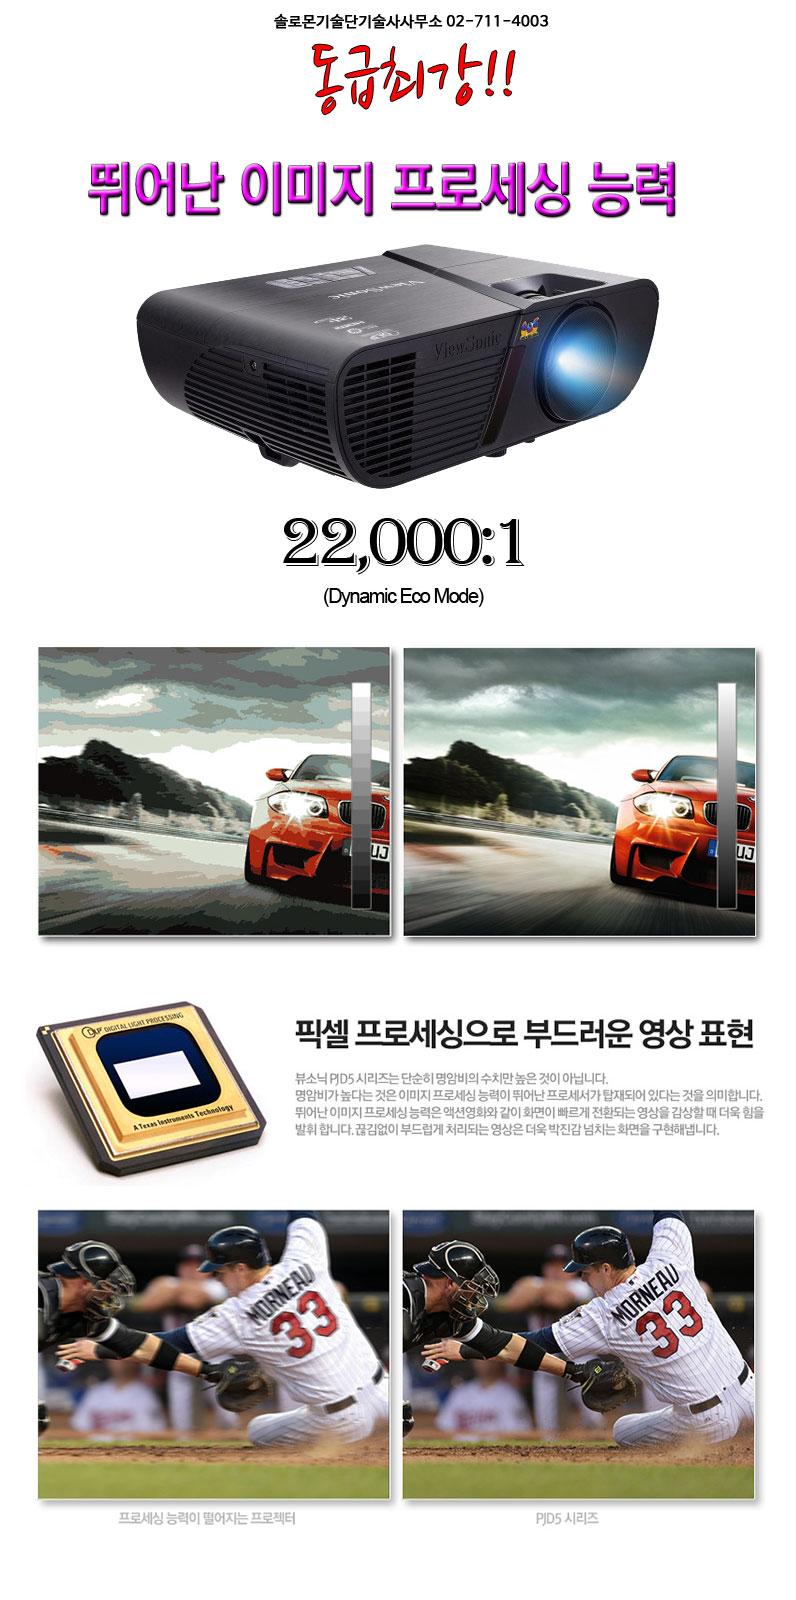 국민 프로젝터 뷰소닉 pjd5250 동급최강 명암비 22000:1